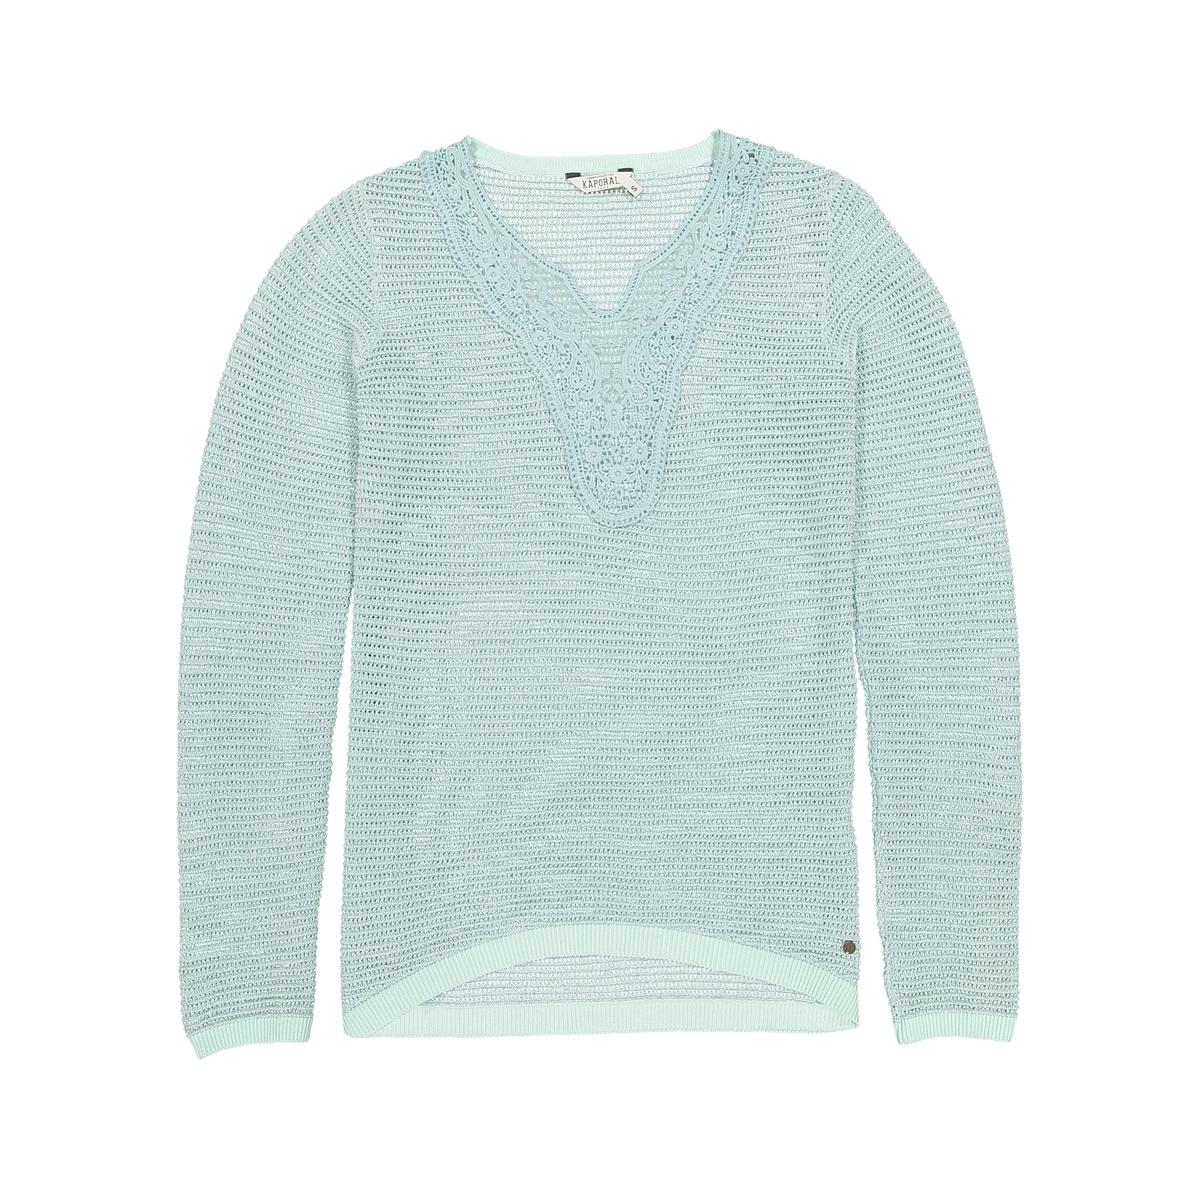 Пуловер с круглым вырезом из хлопкаДетали   •  Пуловер классический •  Длинные рукава •  Круглый вырез •  Тонкий трикотажСостав и уход   •  84% хлопка, 6% металлизированных волокон, 10% полиэстера •  Следуйте рекомендациям по уходу, указанным на этикетке изделия<br><br>Цвет: зеленый сине-зеленый<br>Размер: XS